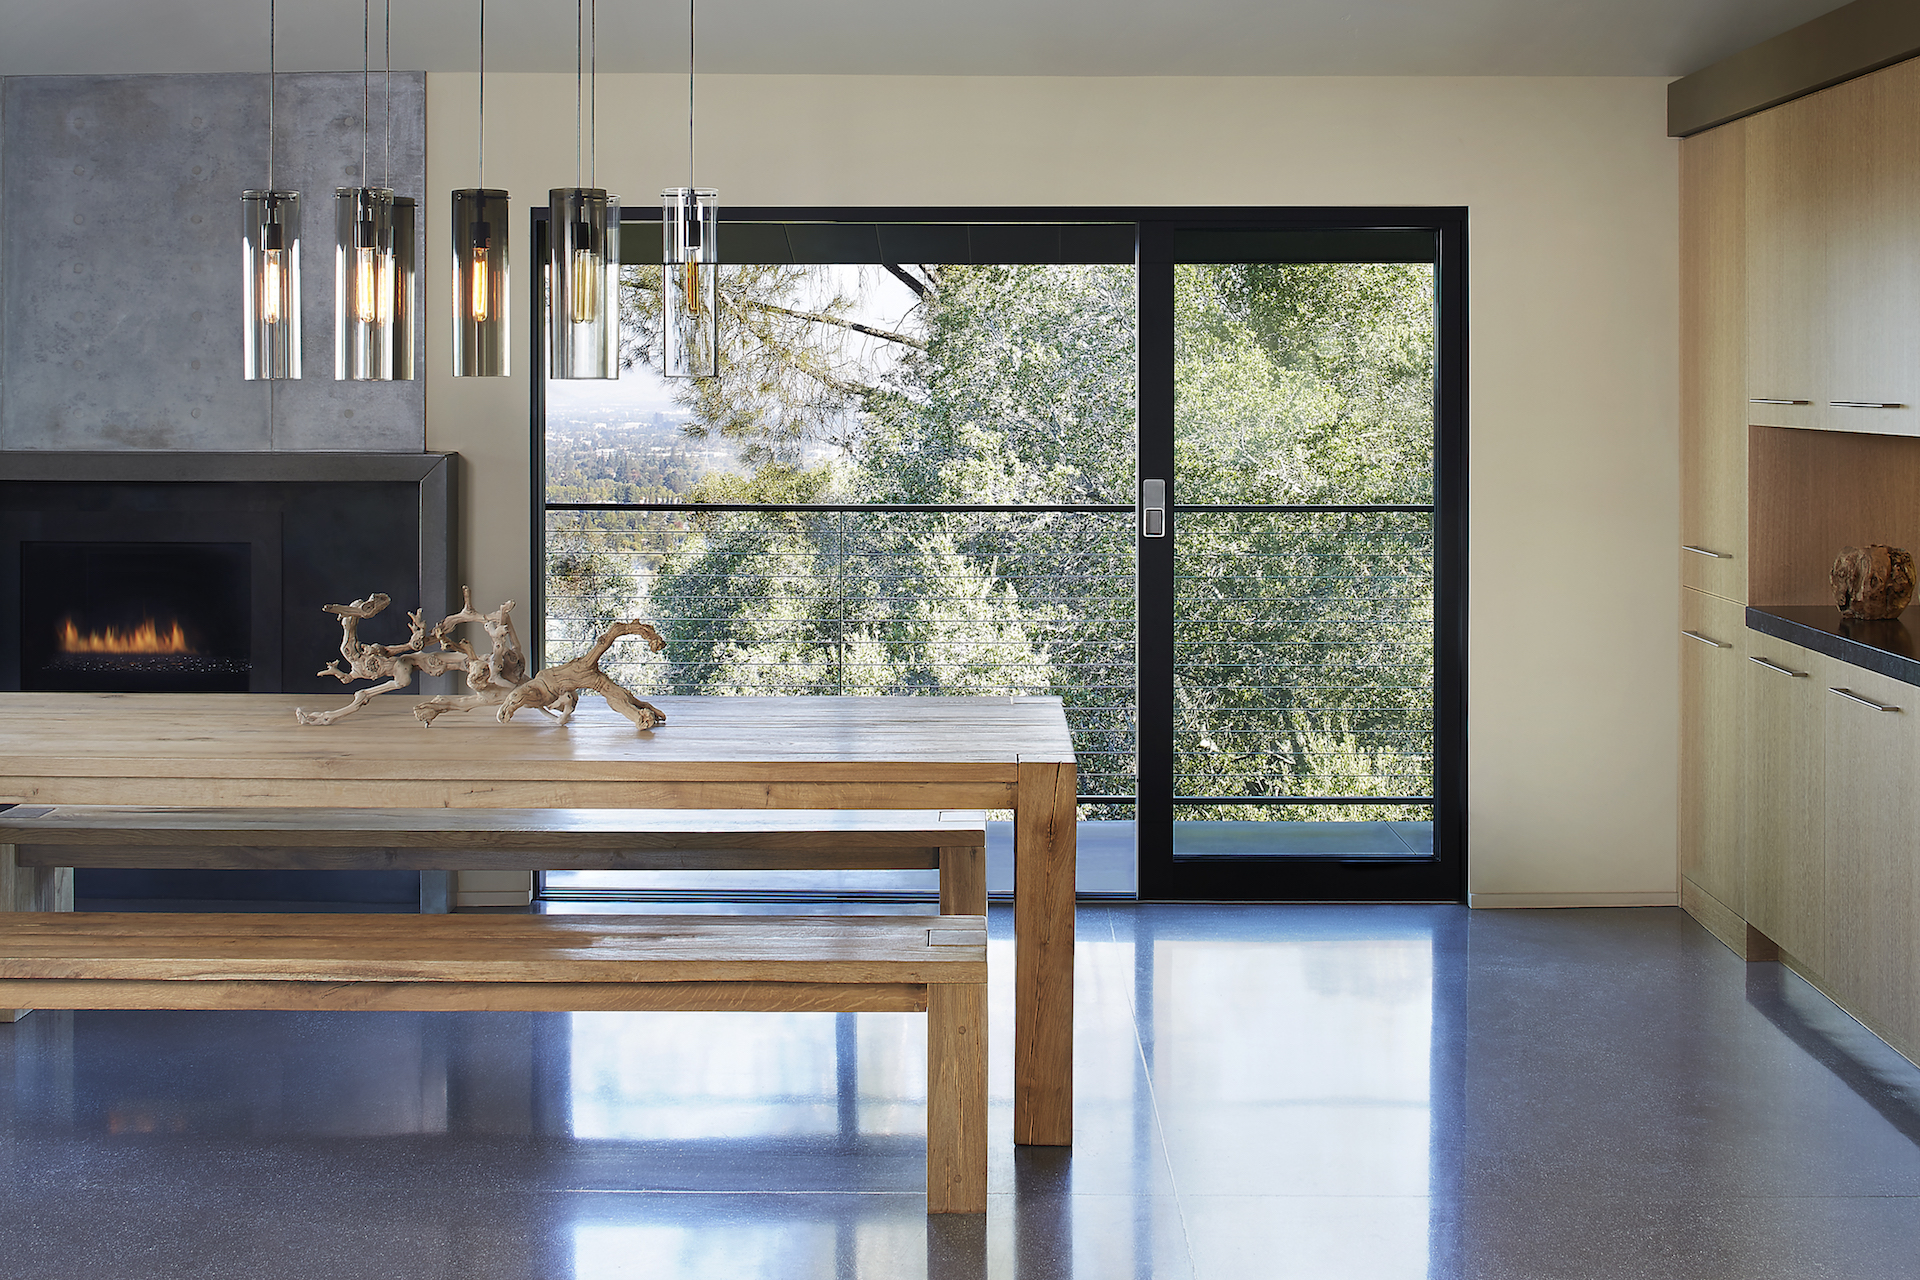 Los gatos interior designers bay area interior designers for Local interior design firms